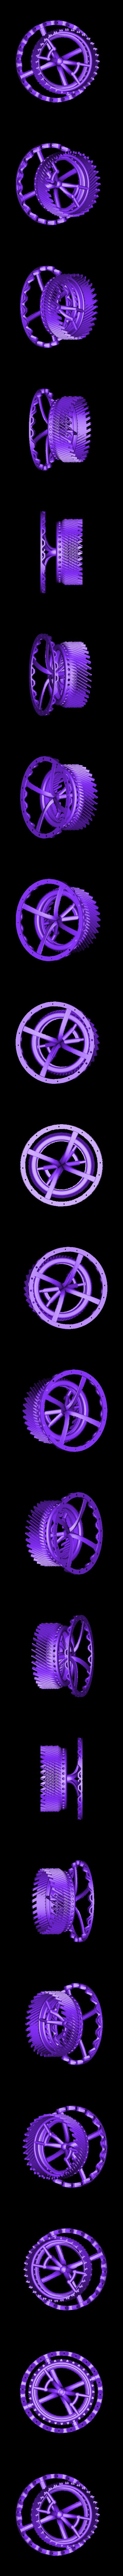 Concours 3D Spirit 2 v63 Pieds et engrenage.stl Télécharger fichier STL gratuit 3D Spirit : engrenage impossible qui fonctionne ! #3DSPIRIT • Design à imprimer en 3D, xTremePower